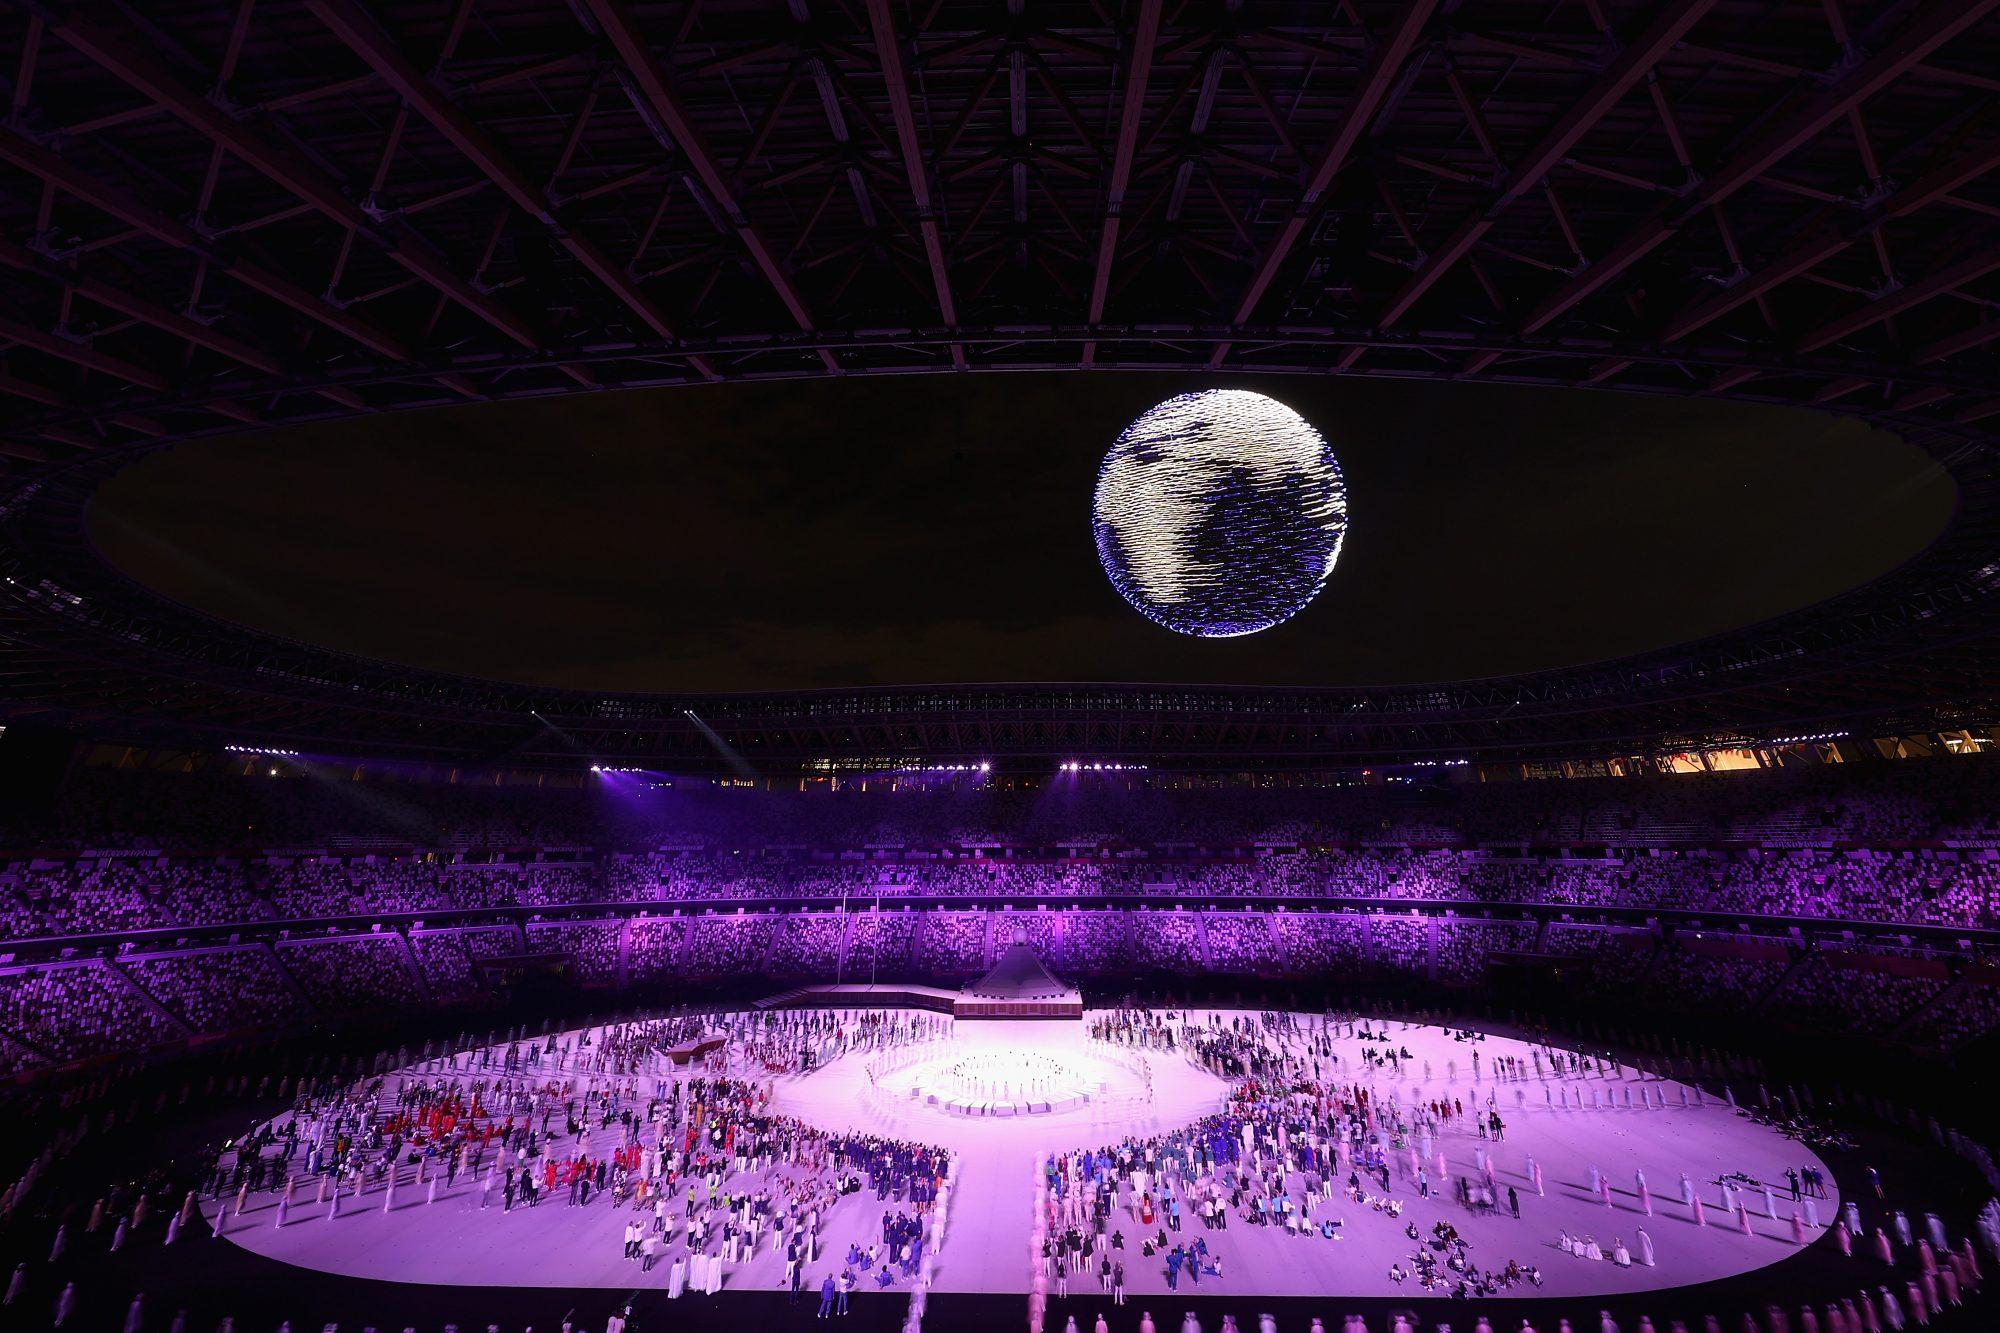 """Por supuesto, la tecnología japonesa no se podía quedar fuera de esta fiesta. Unos 1,800 drones crearon un impresionante globo terráqueo que iluminó el cielo de la ciudad de Tokio, al mismo tiempo que se escuchaba la canción """"Imagine"""" de John Lennon."""